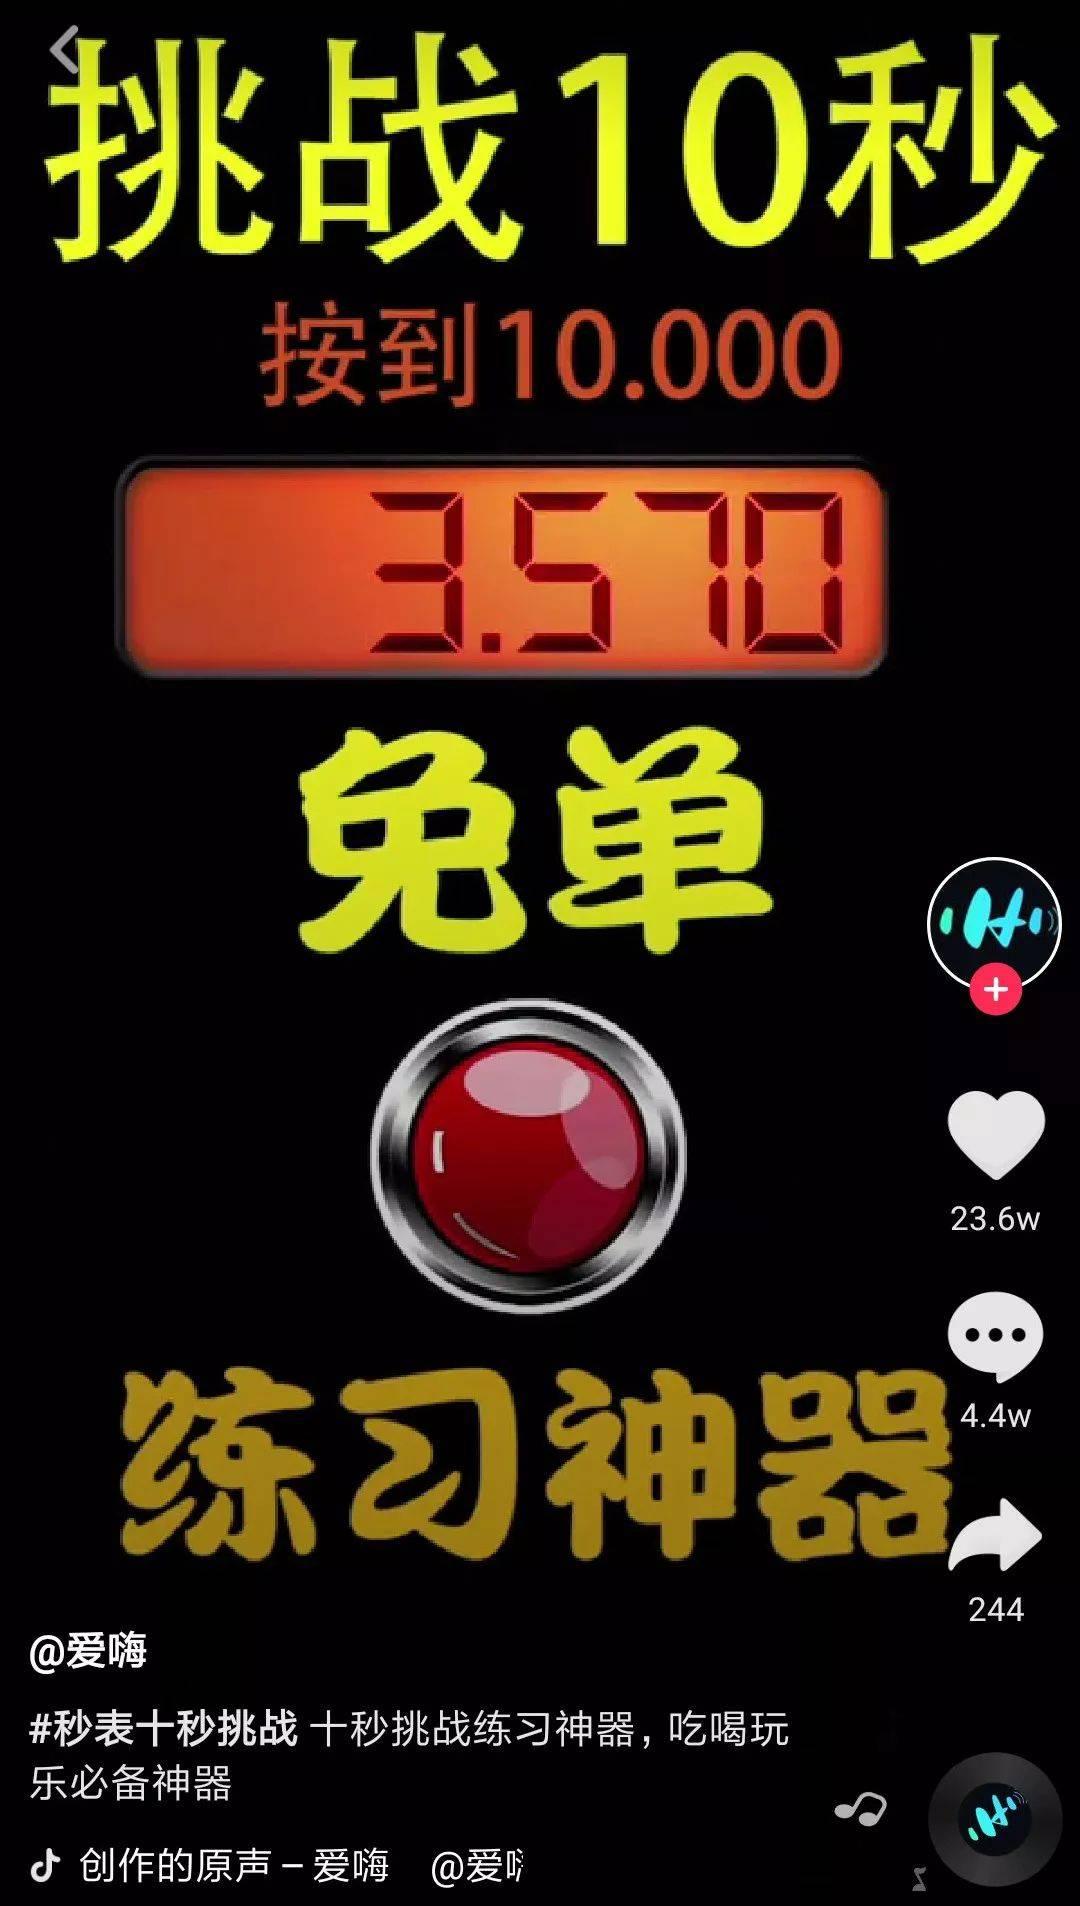 鸟哥笔记,新媒体运营,刘哲,案例分析,新媒体营销,创意,抖音,刷屏